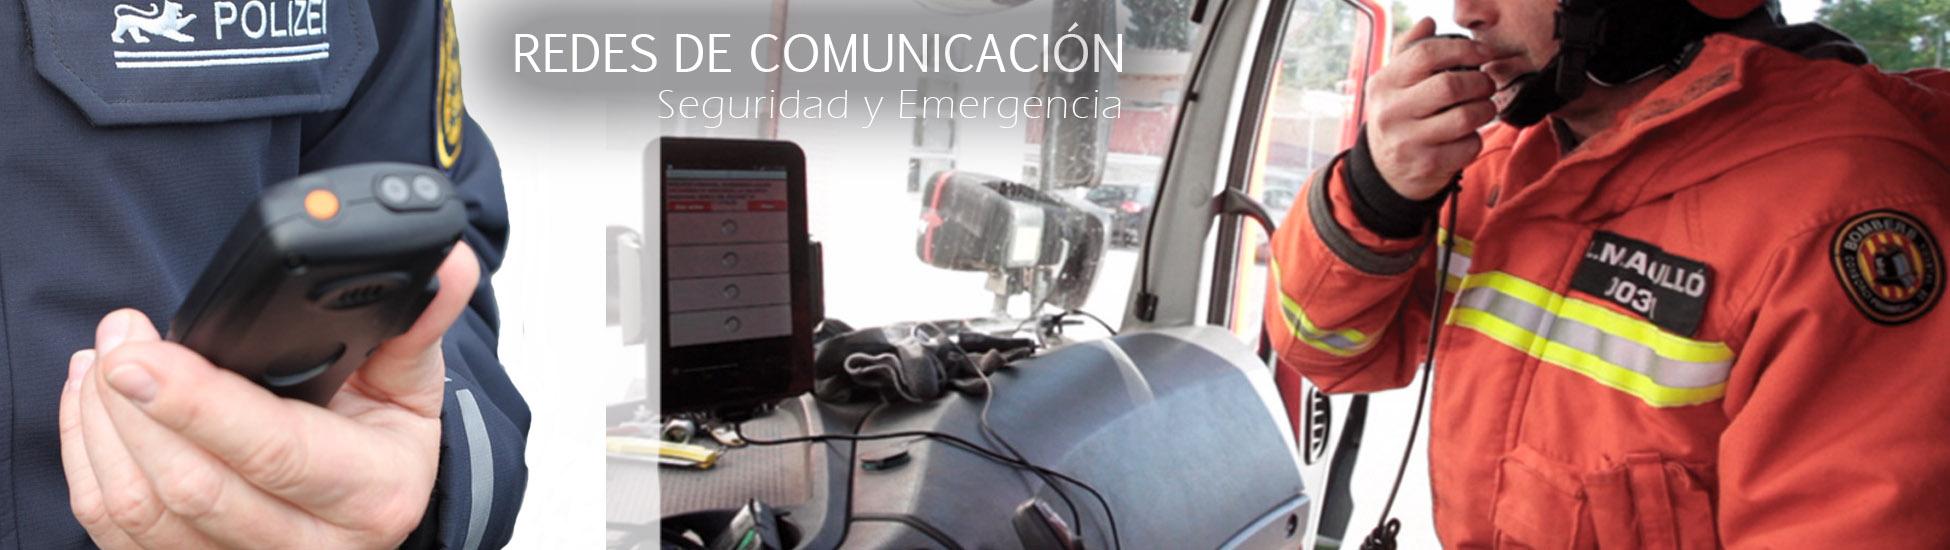 Redes de comunicación para segurdad y emergencias